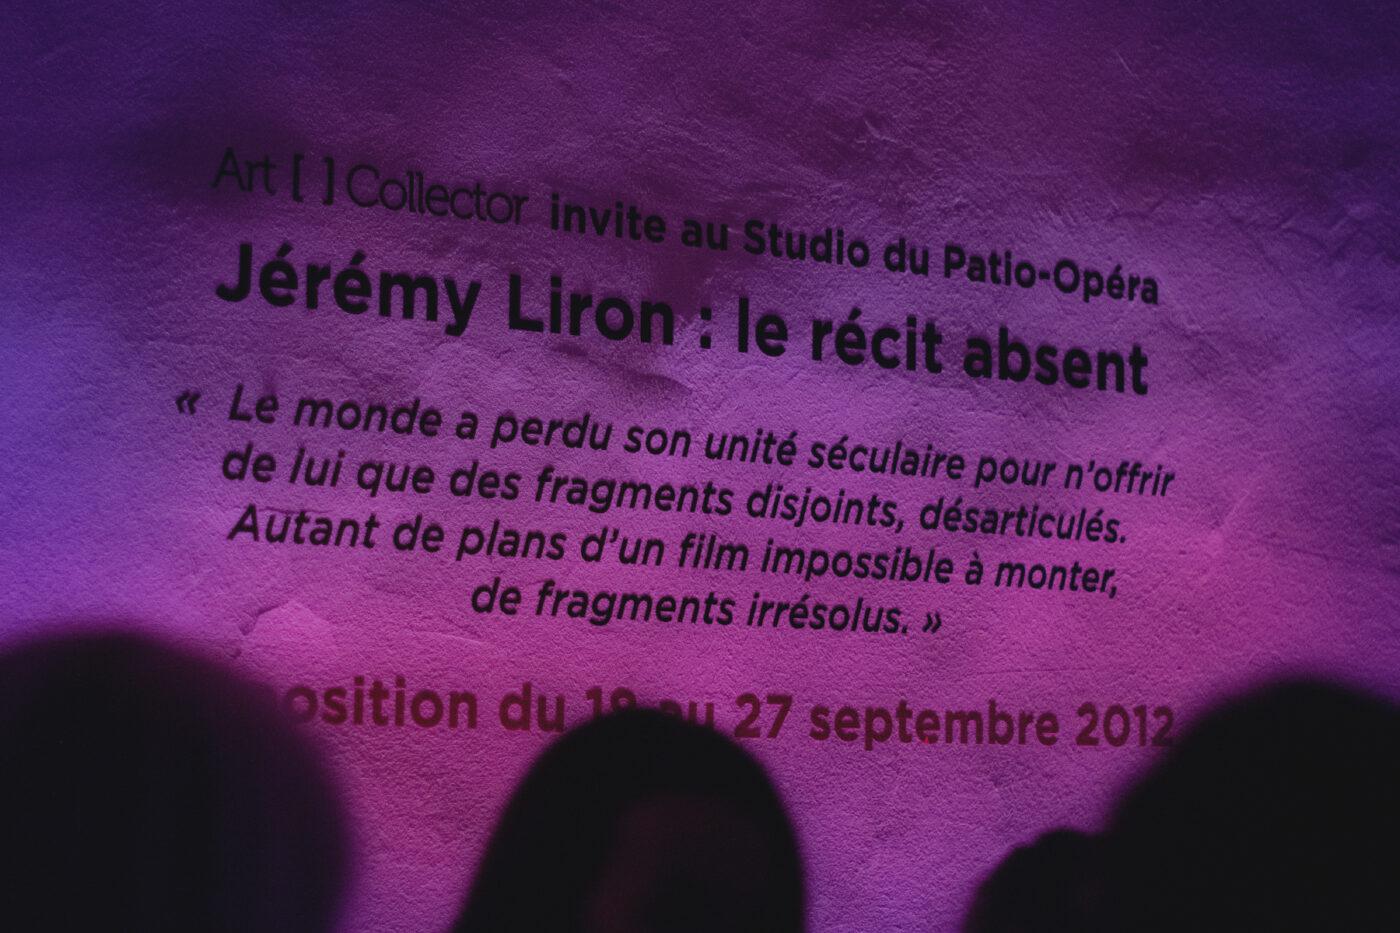 Vernissage Jeremy Liron au Patio Opéra